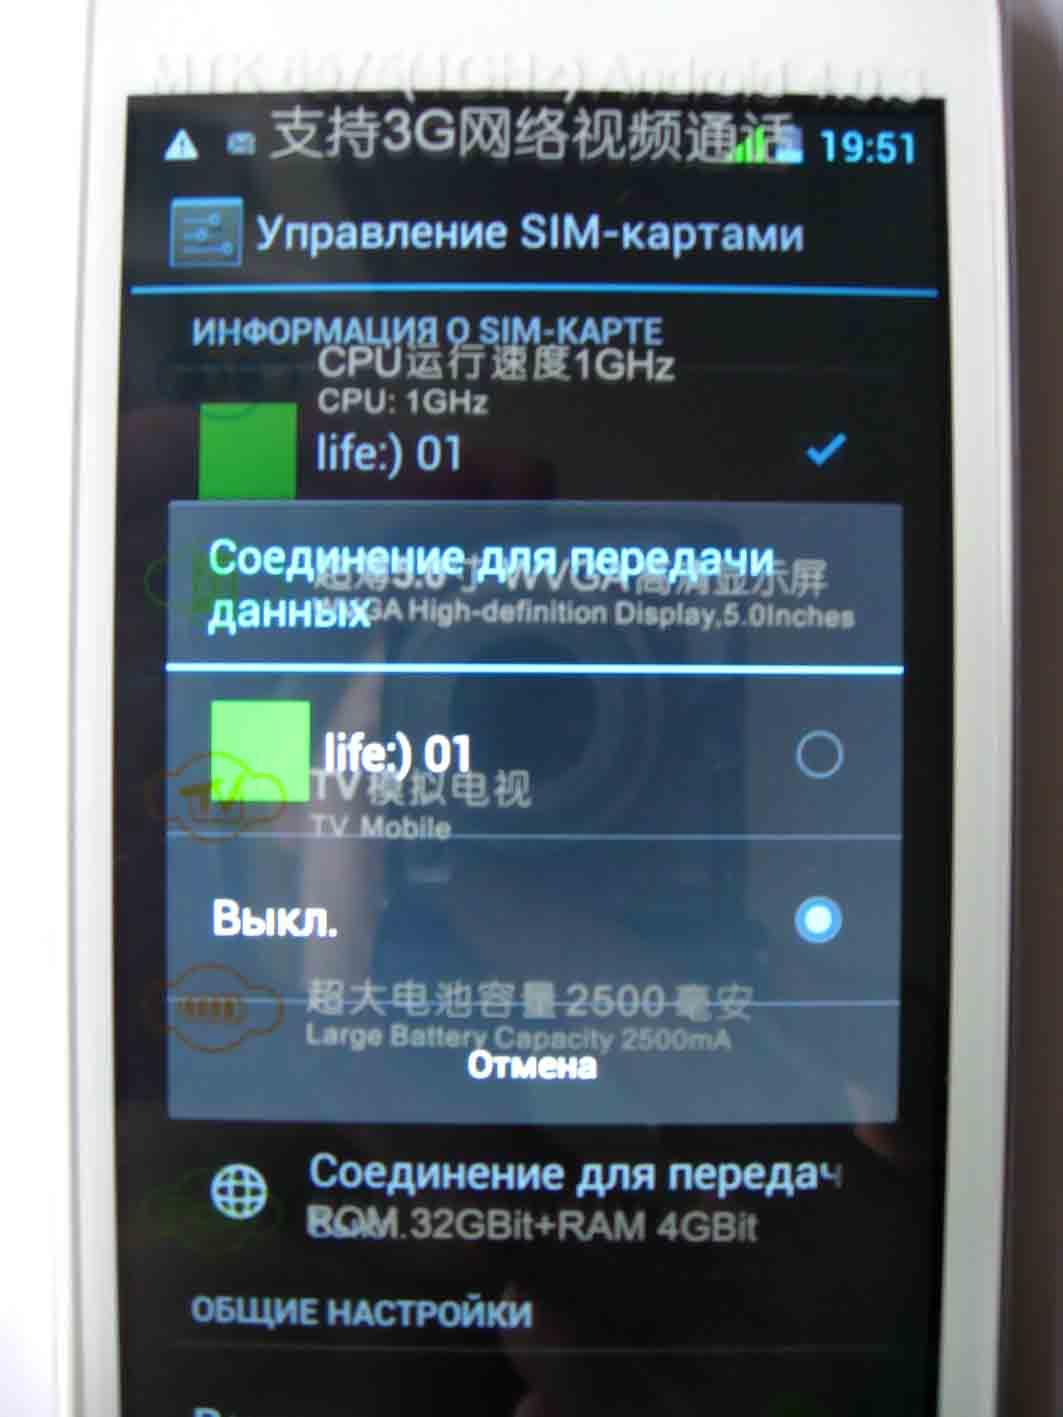 Samsung Galaxy Note i9220 - Управление симкартами - Life :)